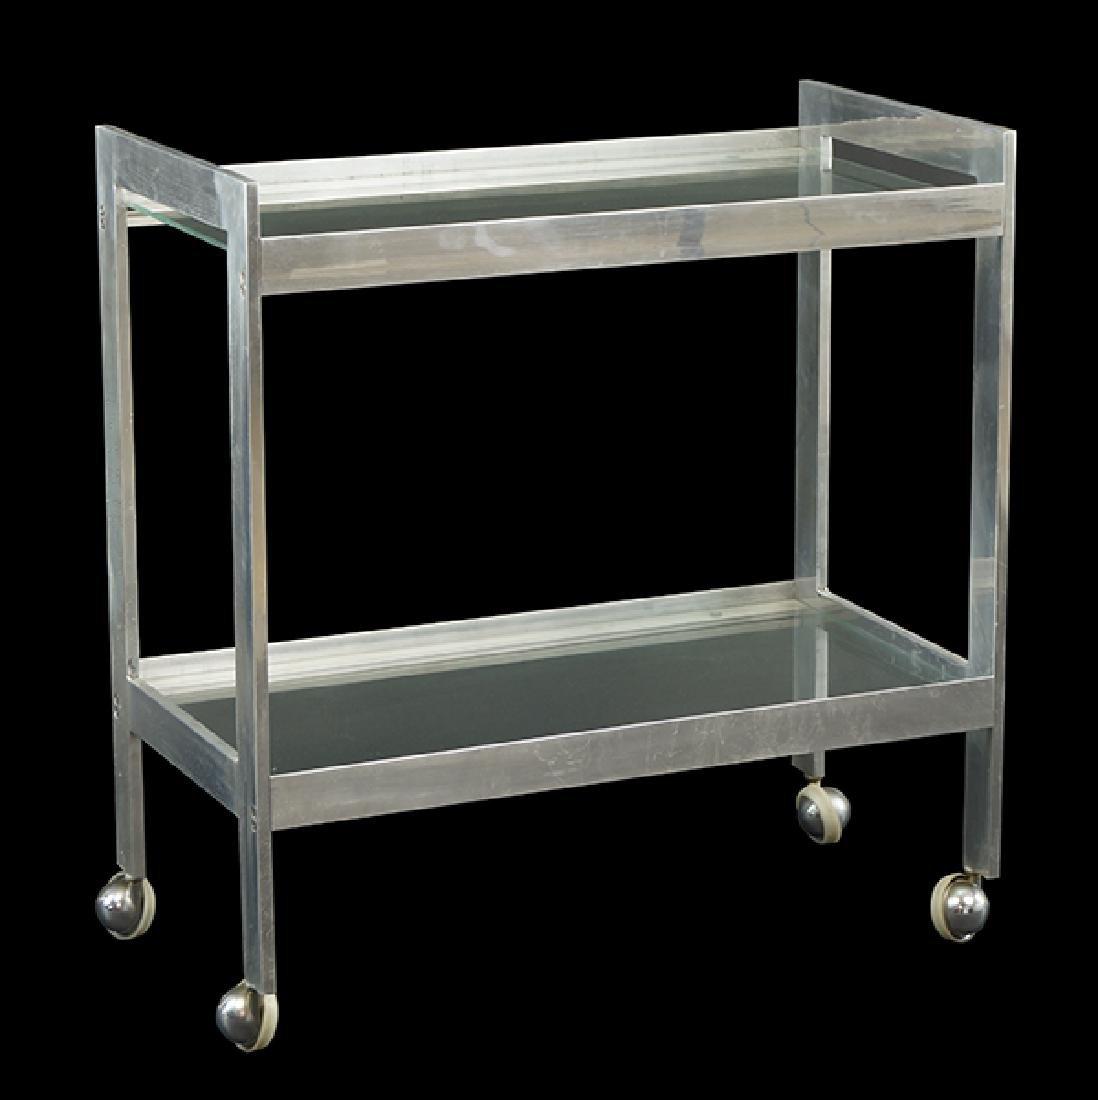 A Stainless Steel Bar Cart.